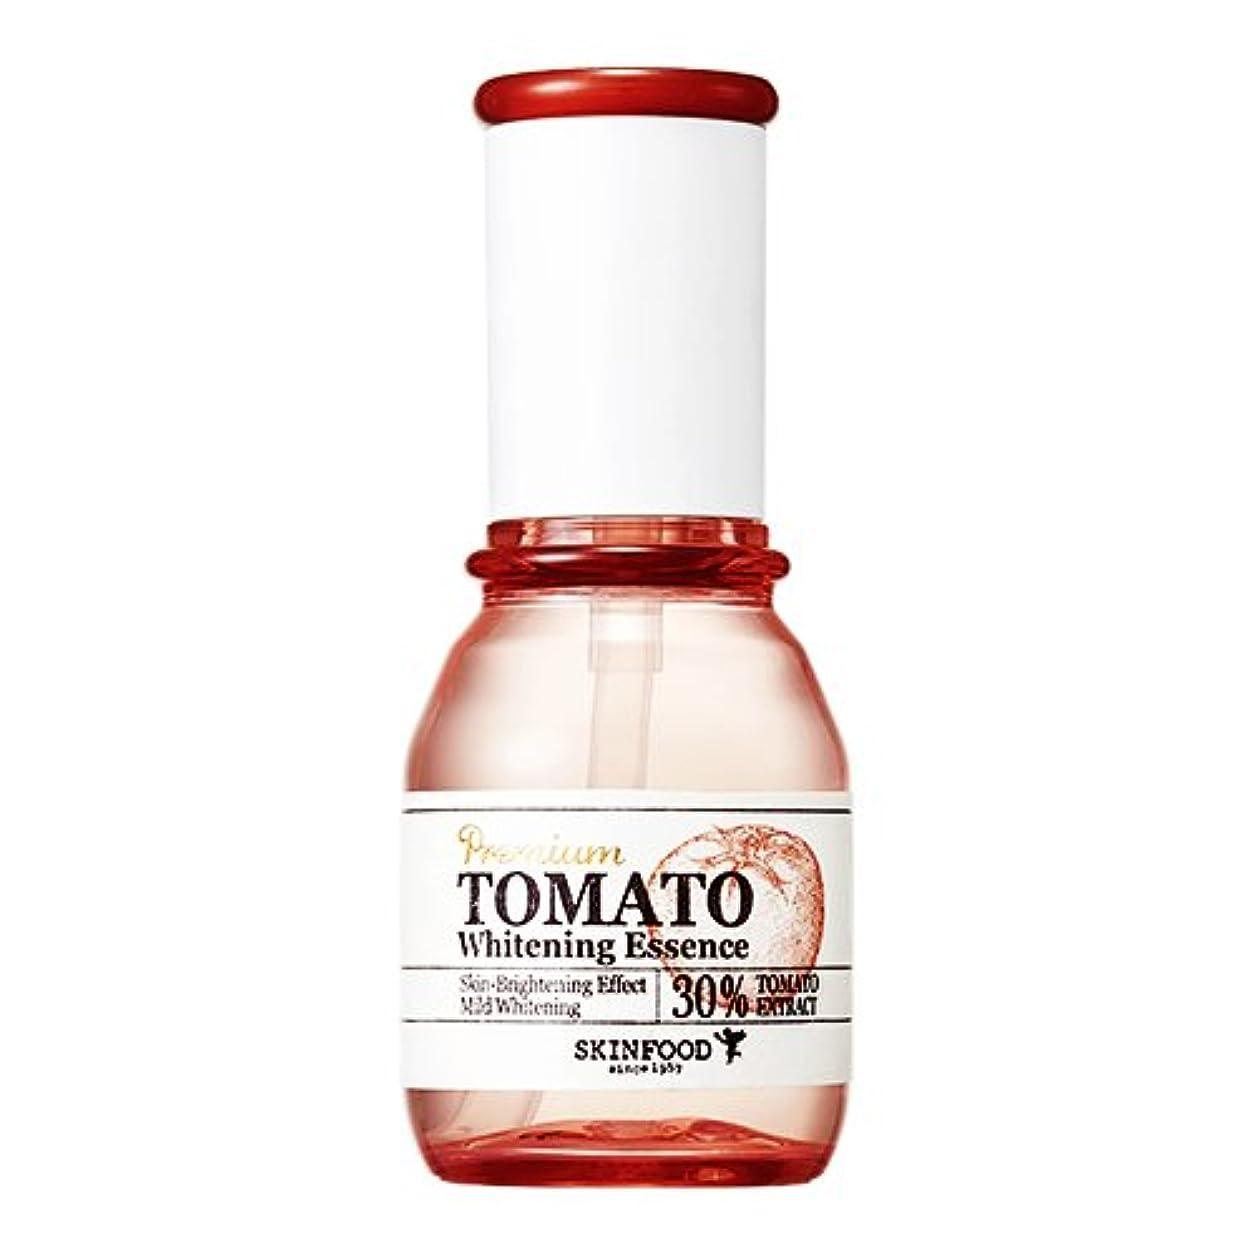 キャンディー保証金適応[スキンフード] SKINFOOD プレミアムトマトホワイトニングエッセンス Premium Tomato Whitening Essence (海外直送品) [並行輸入品]